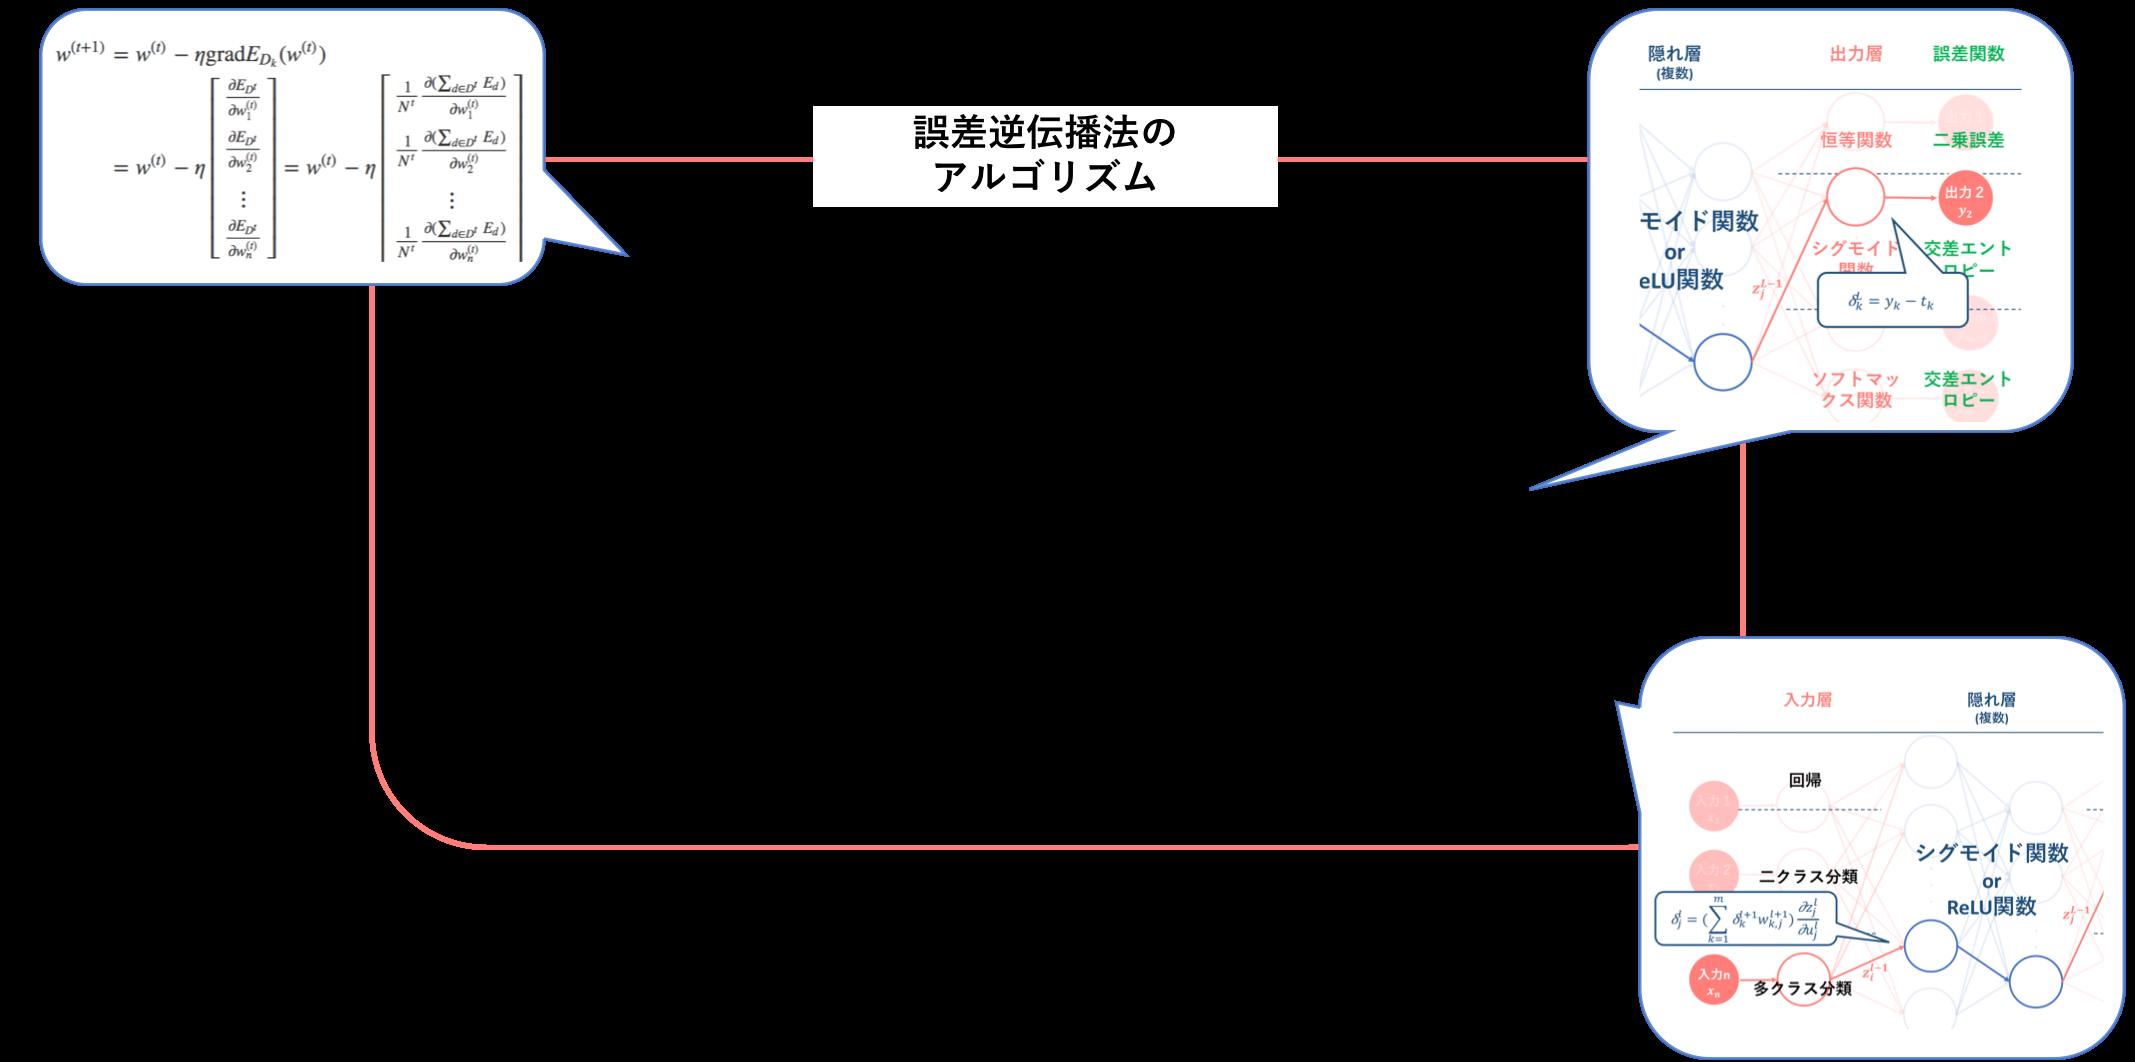 図48.png